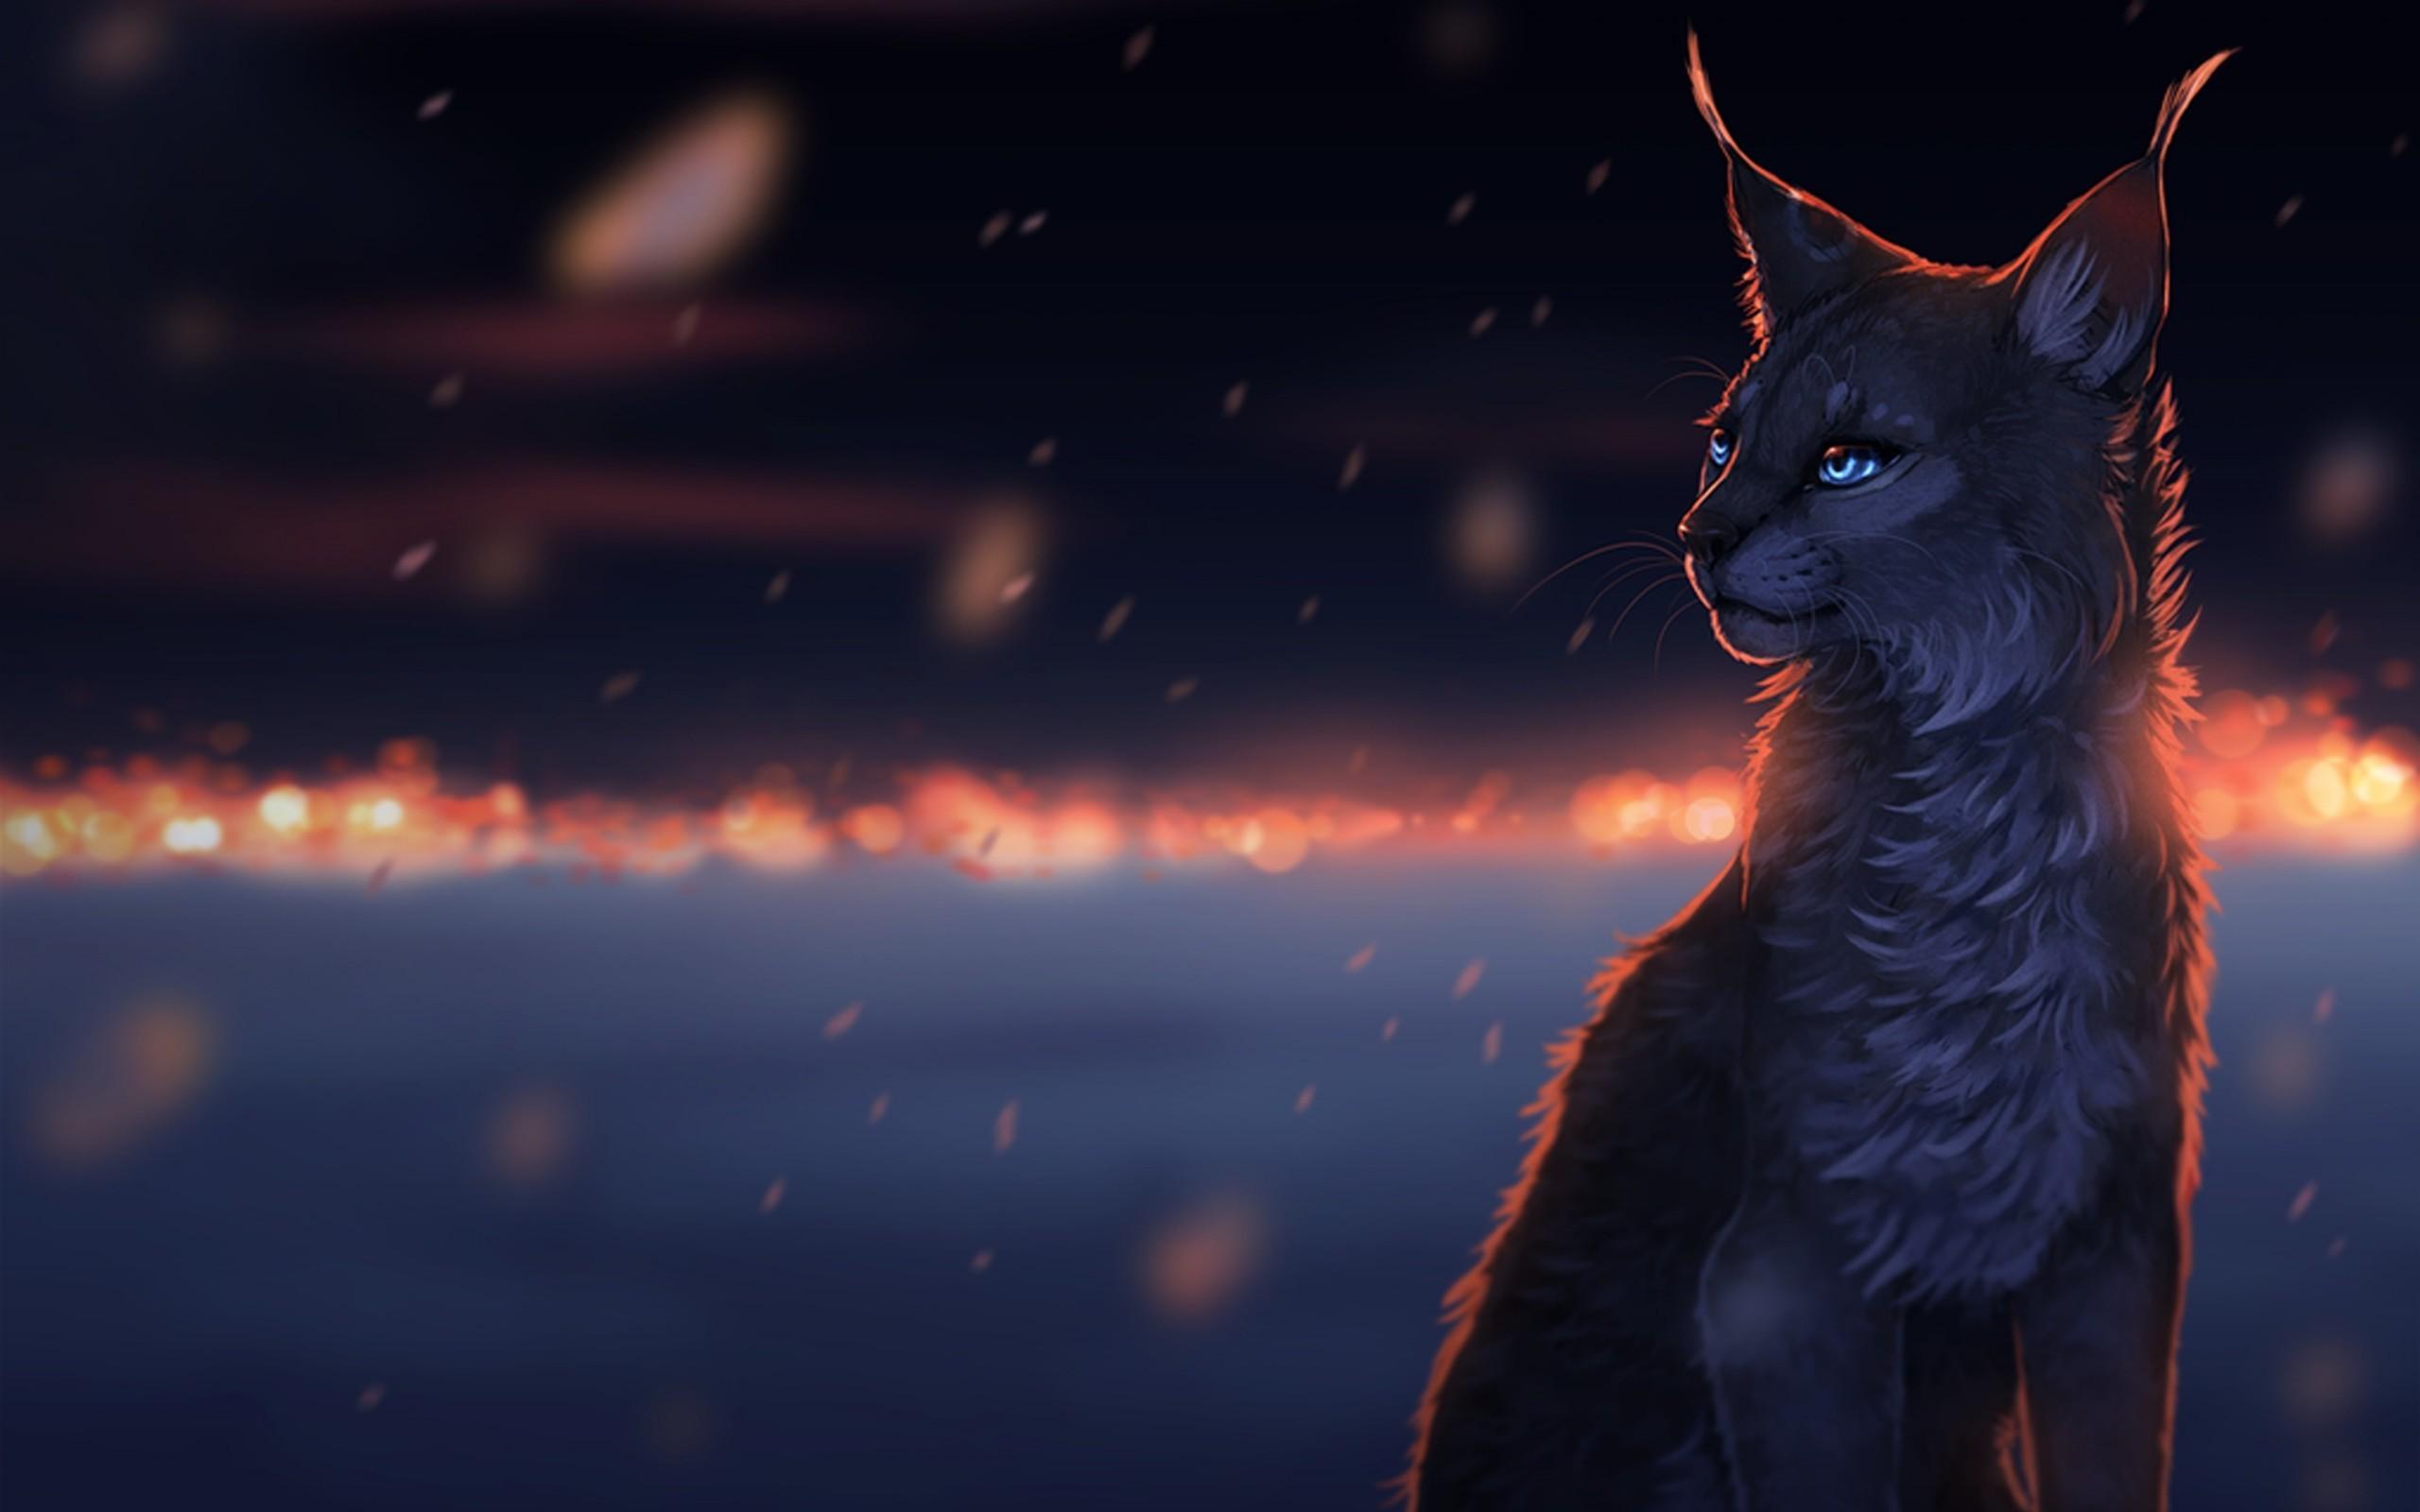 Warrior Cats Wallpaper Desktop ·① WallpaperTag